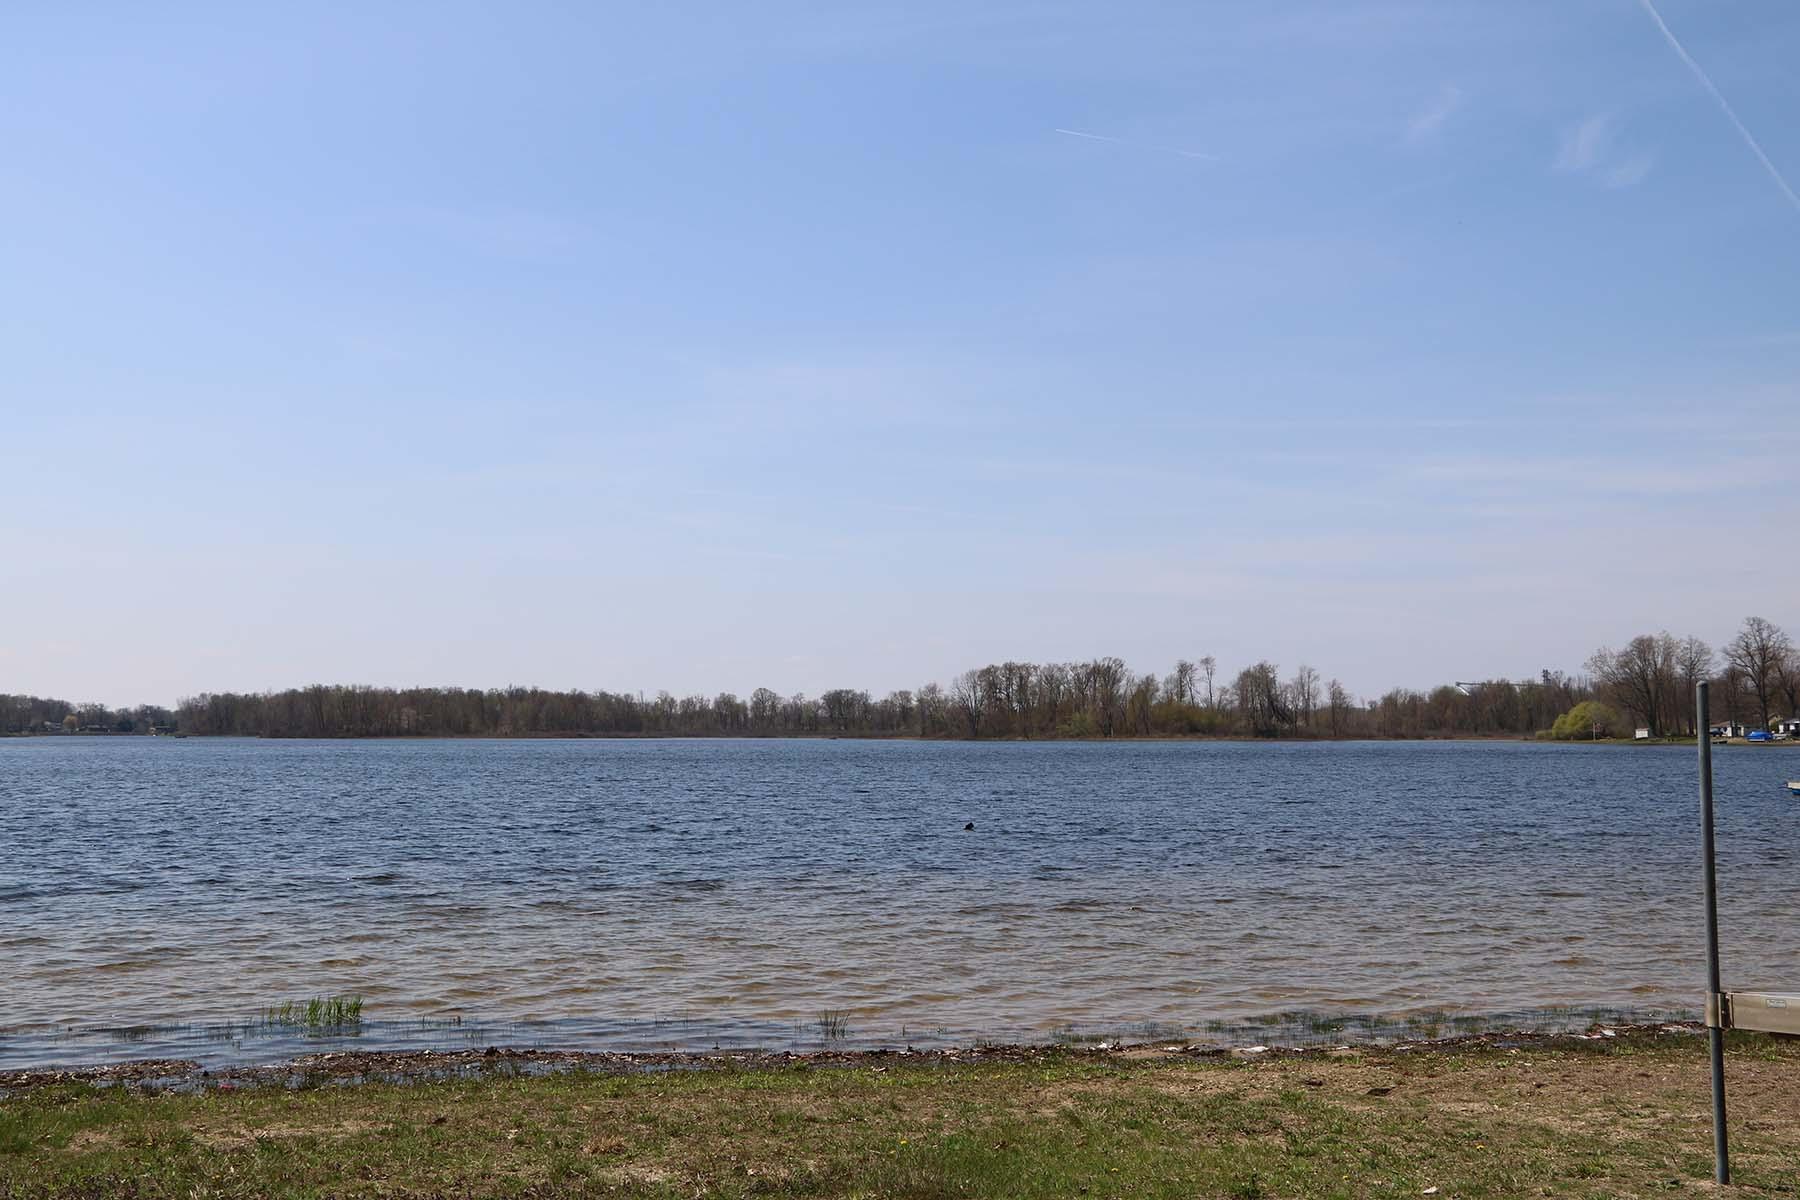 Đất đai vì Bán tại Paw Paw Township 59338 41st Street Paw Paw, Michigan, 49079 Hoa Kỳ